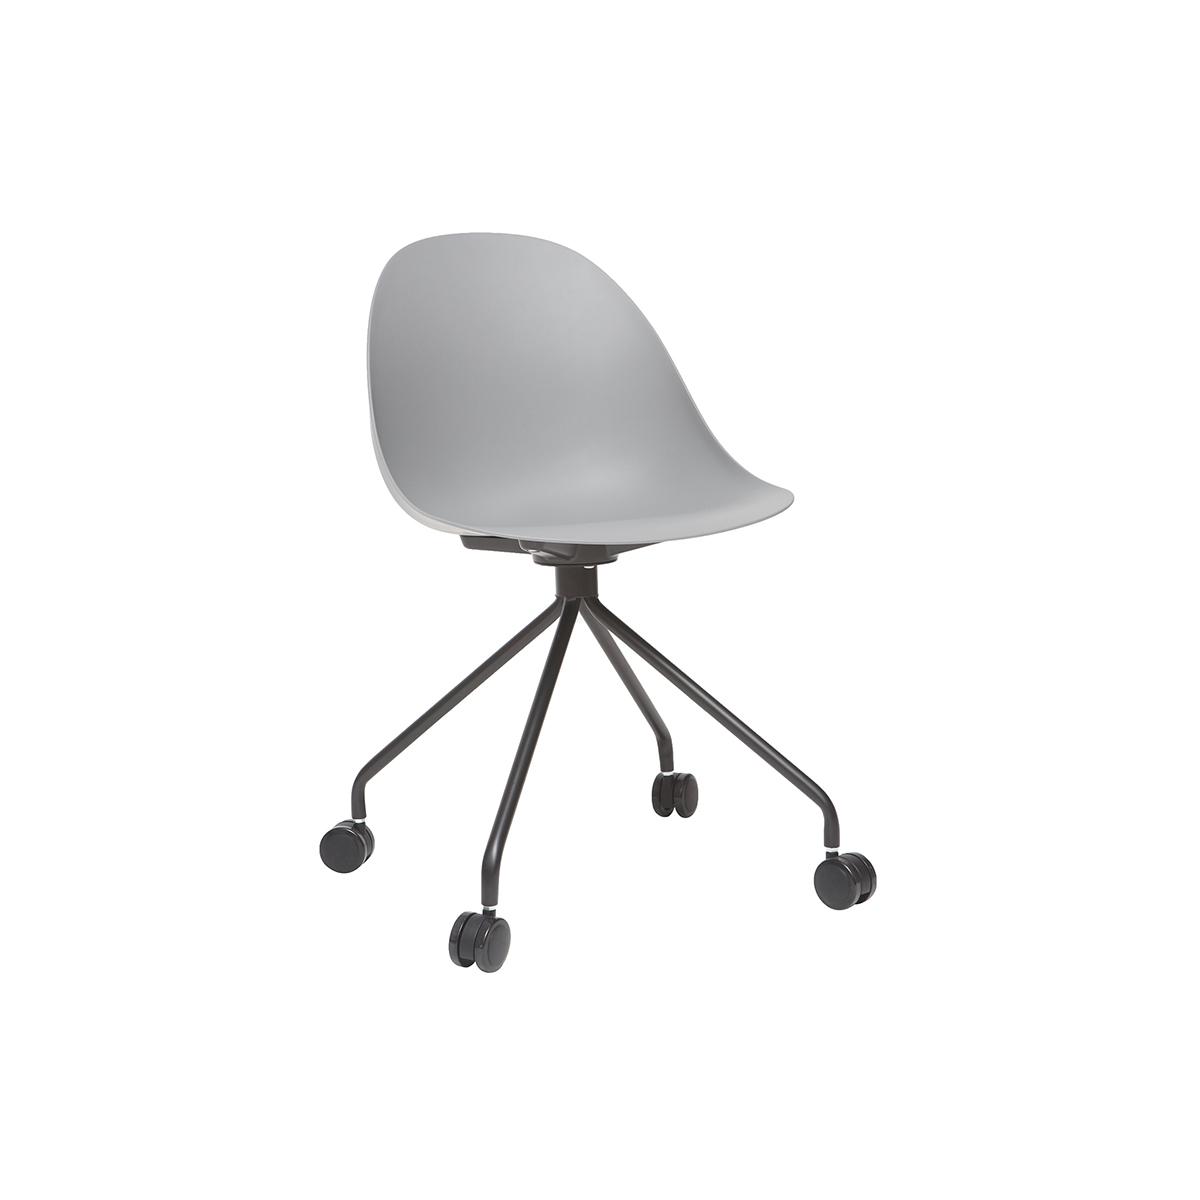 Poltrona da ufficio design grigio e nero concha for Poltrone design da ufficio